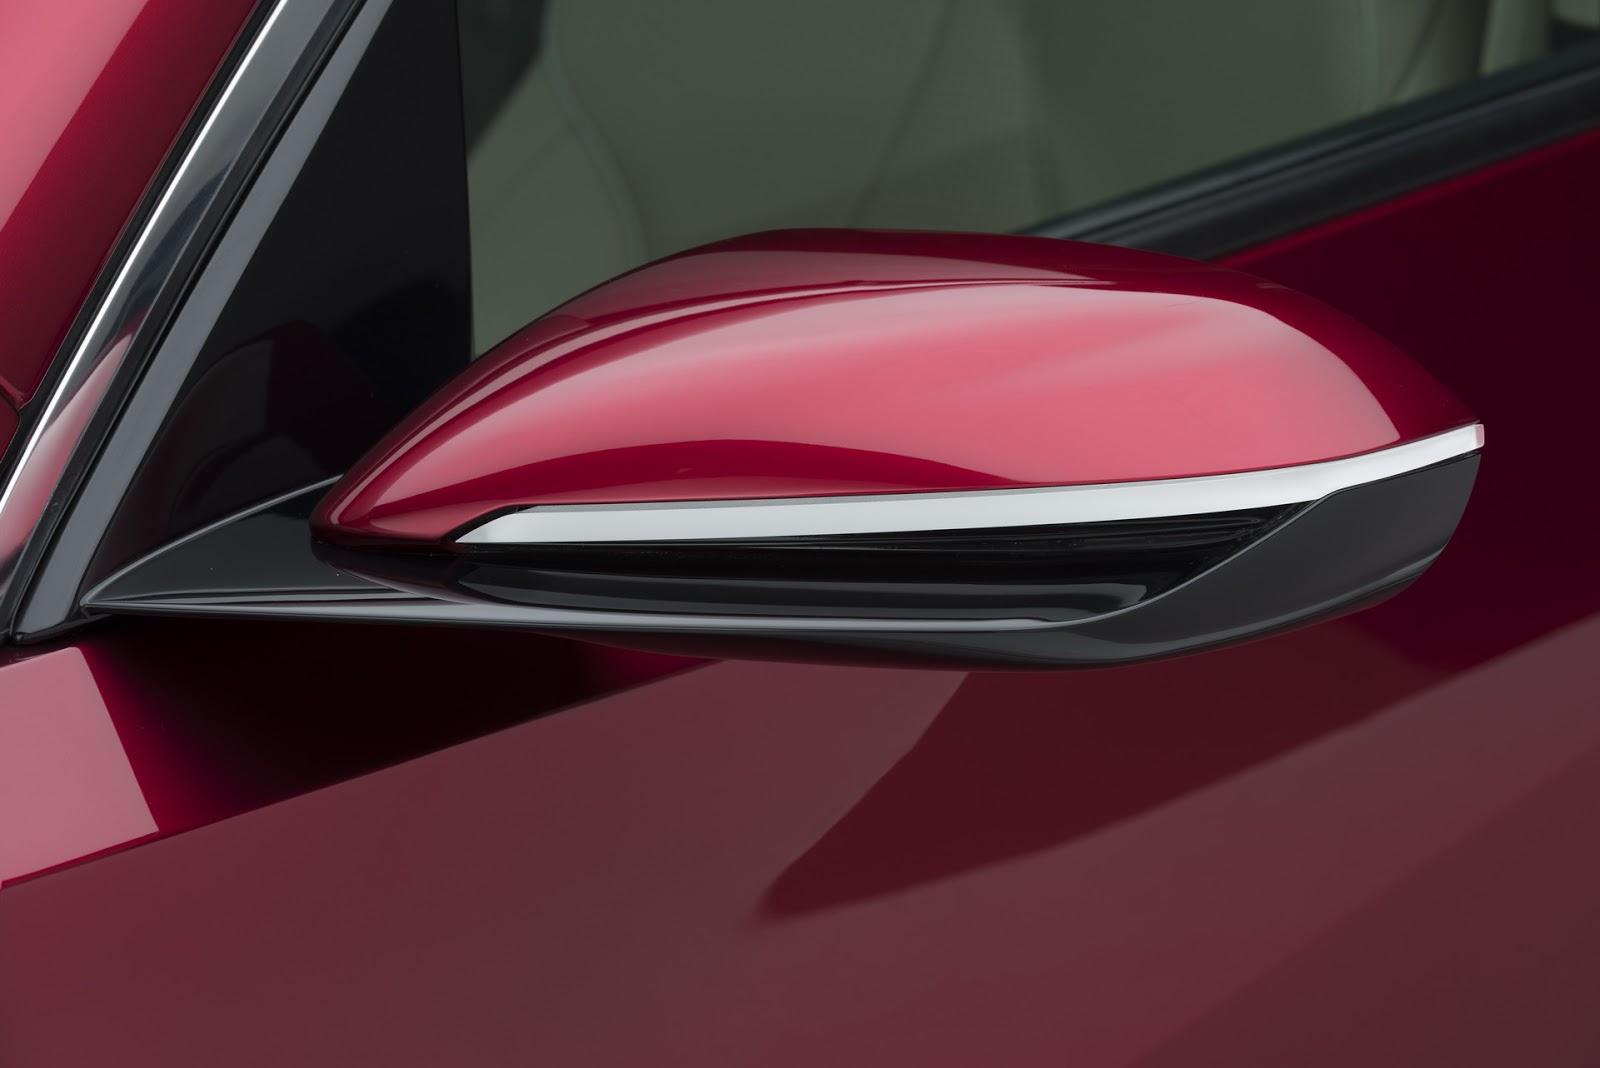 2019-Acura-RDX-10.jpg